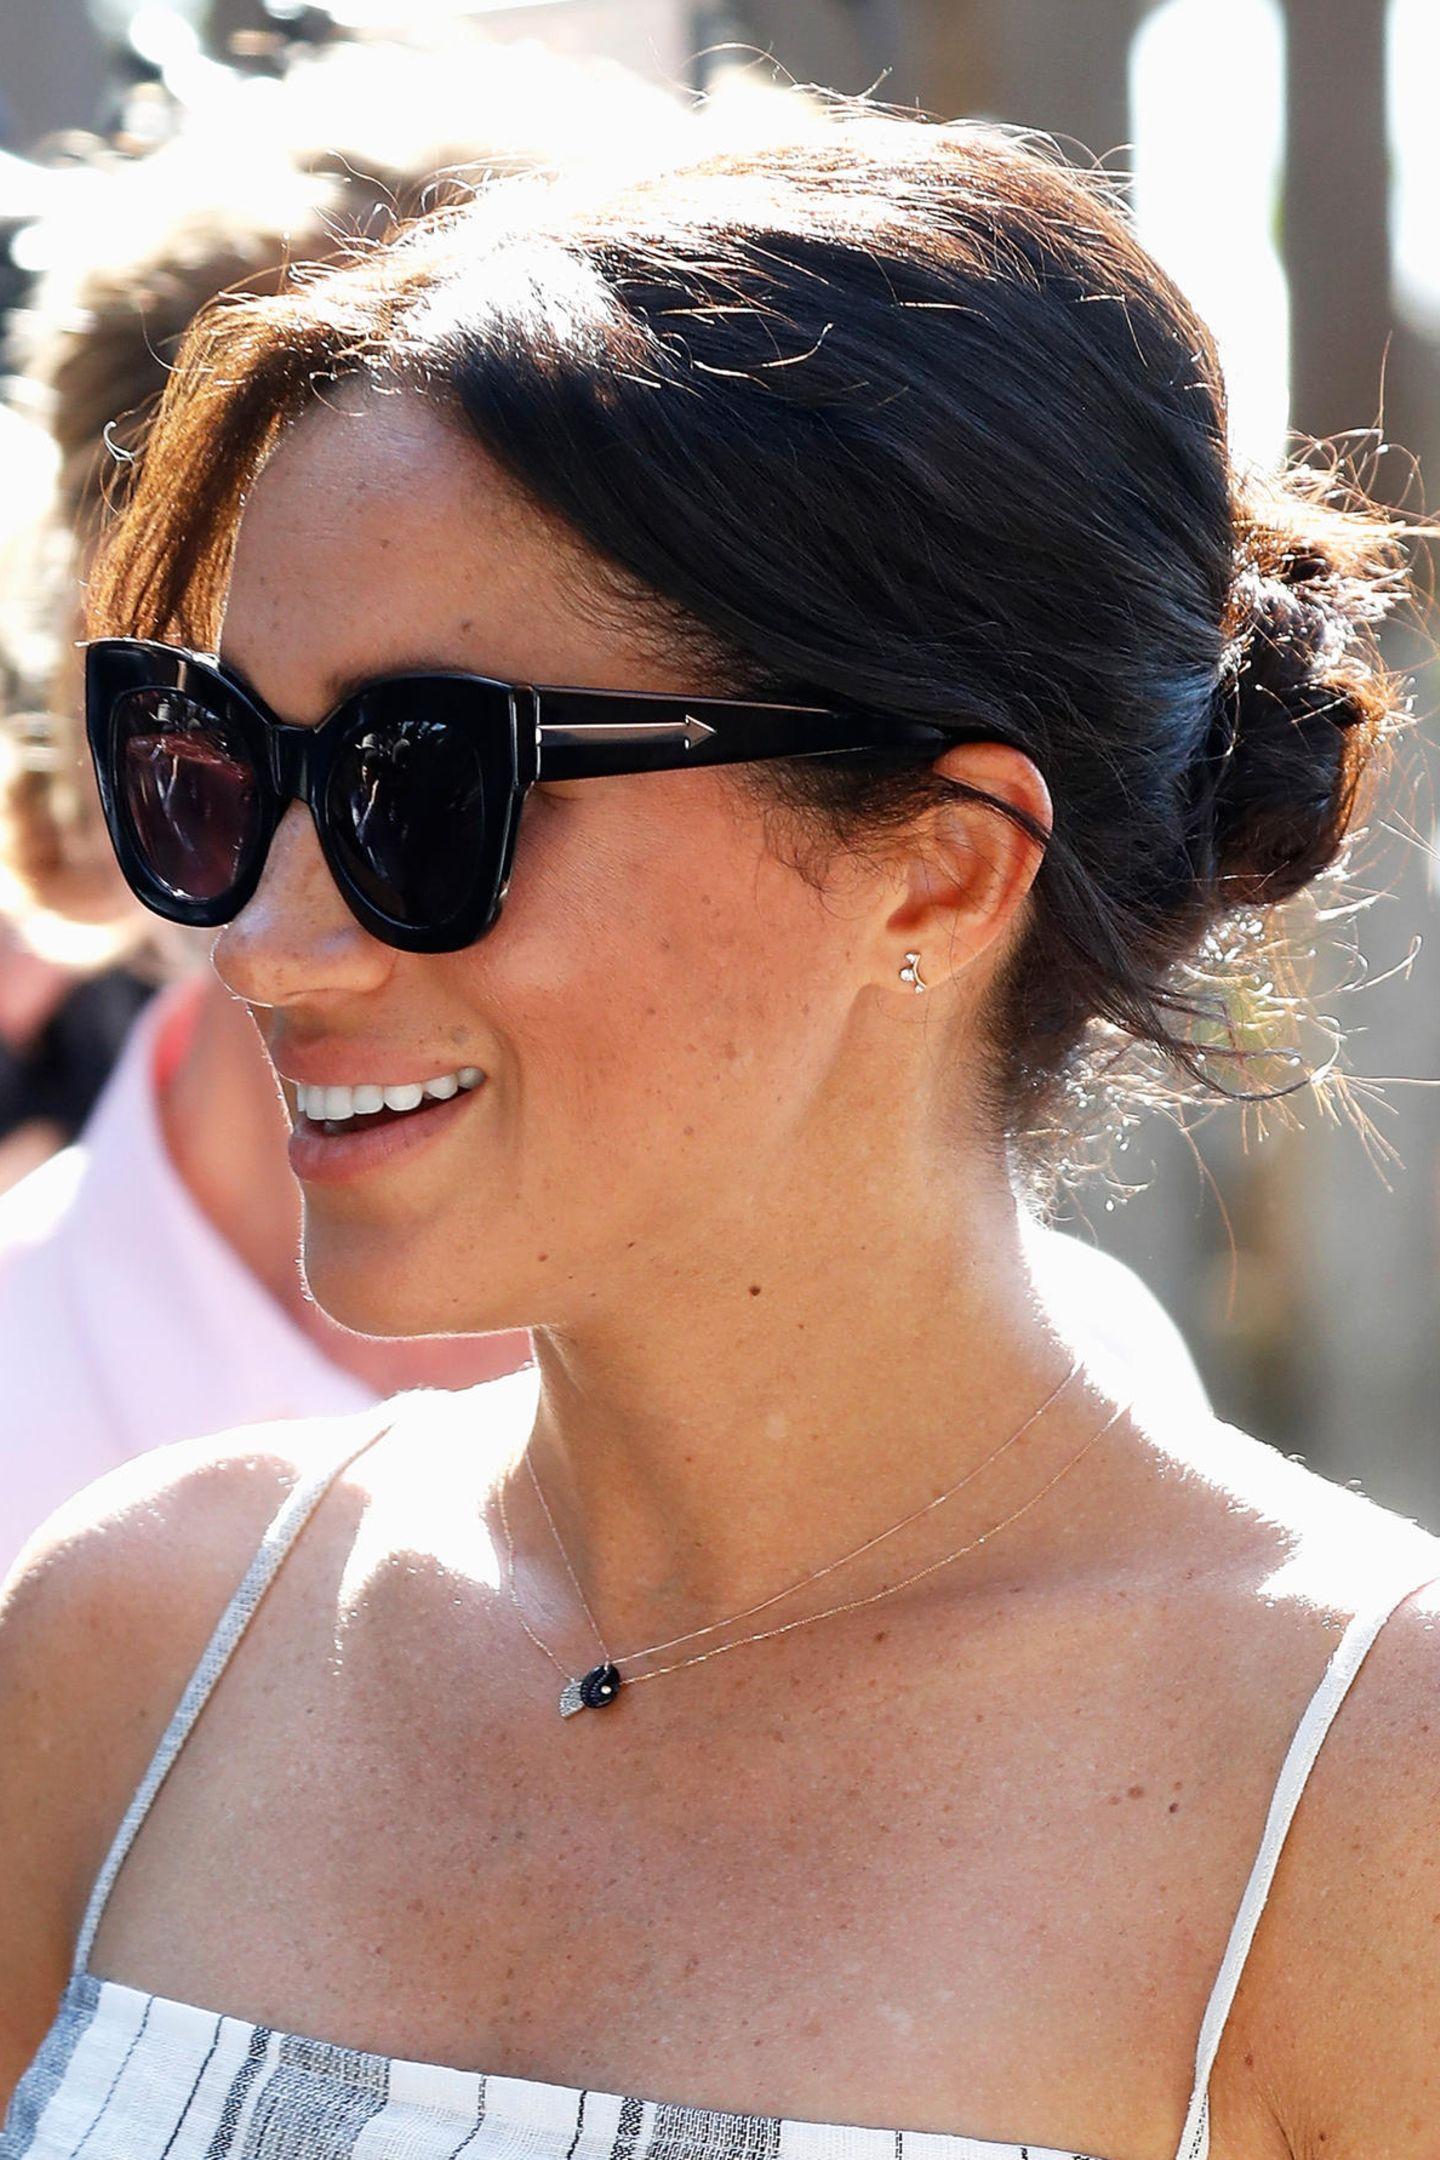 """Meghans Sonnenbrillen Modell an Tag 7 ihrer Überseereise: Die""""Northern Lights Sunglasses"""" von Kevin Walker (ca.203 Euro). Die Brillen der Herzogin sind alle kein Schnäppchen, jedoch wählt Meghan keine klassischen Labels, sondern immer ganz besondere."""